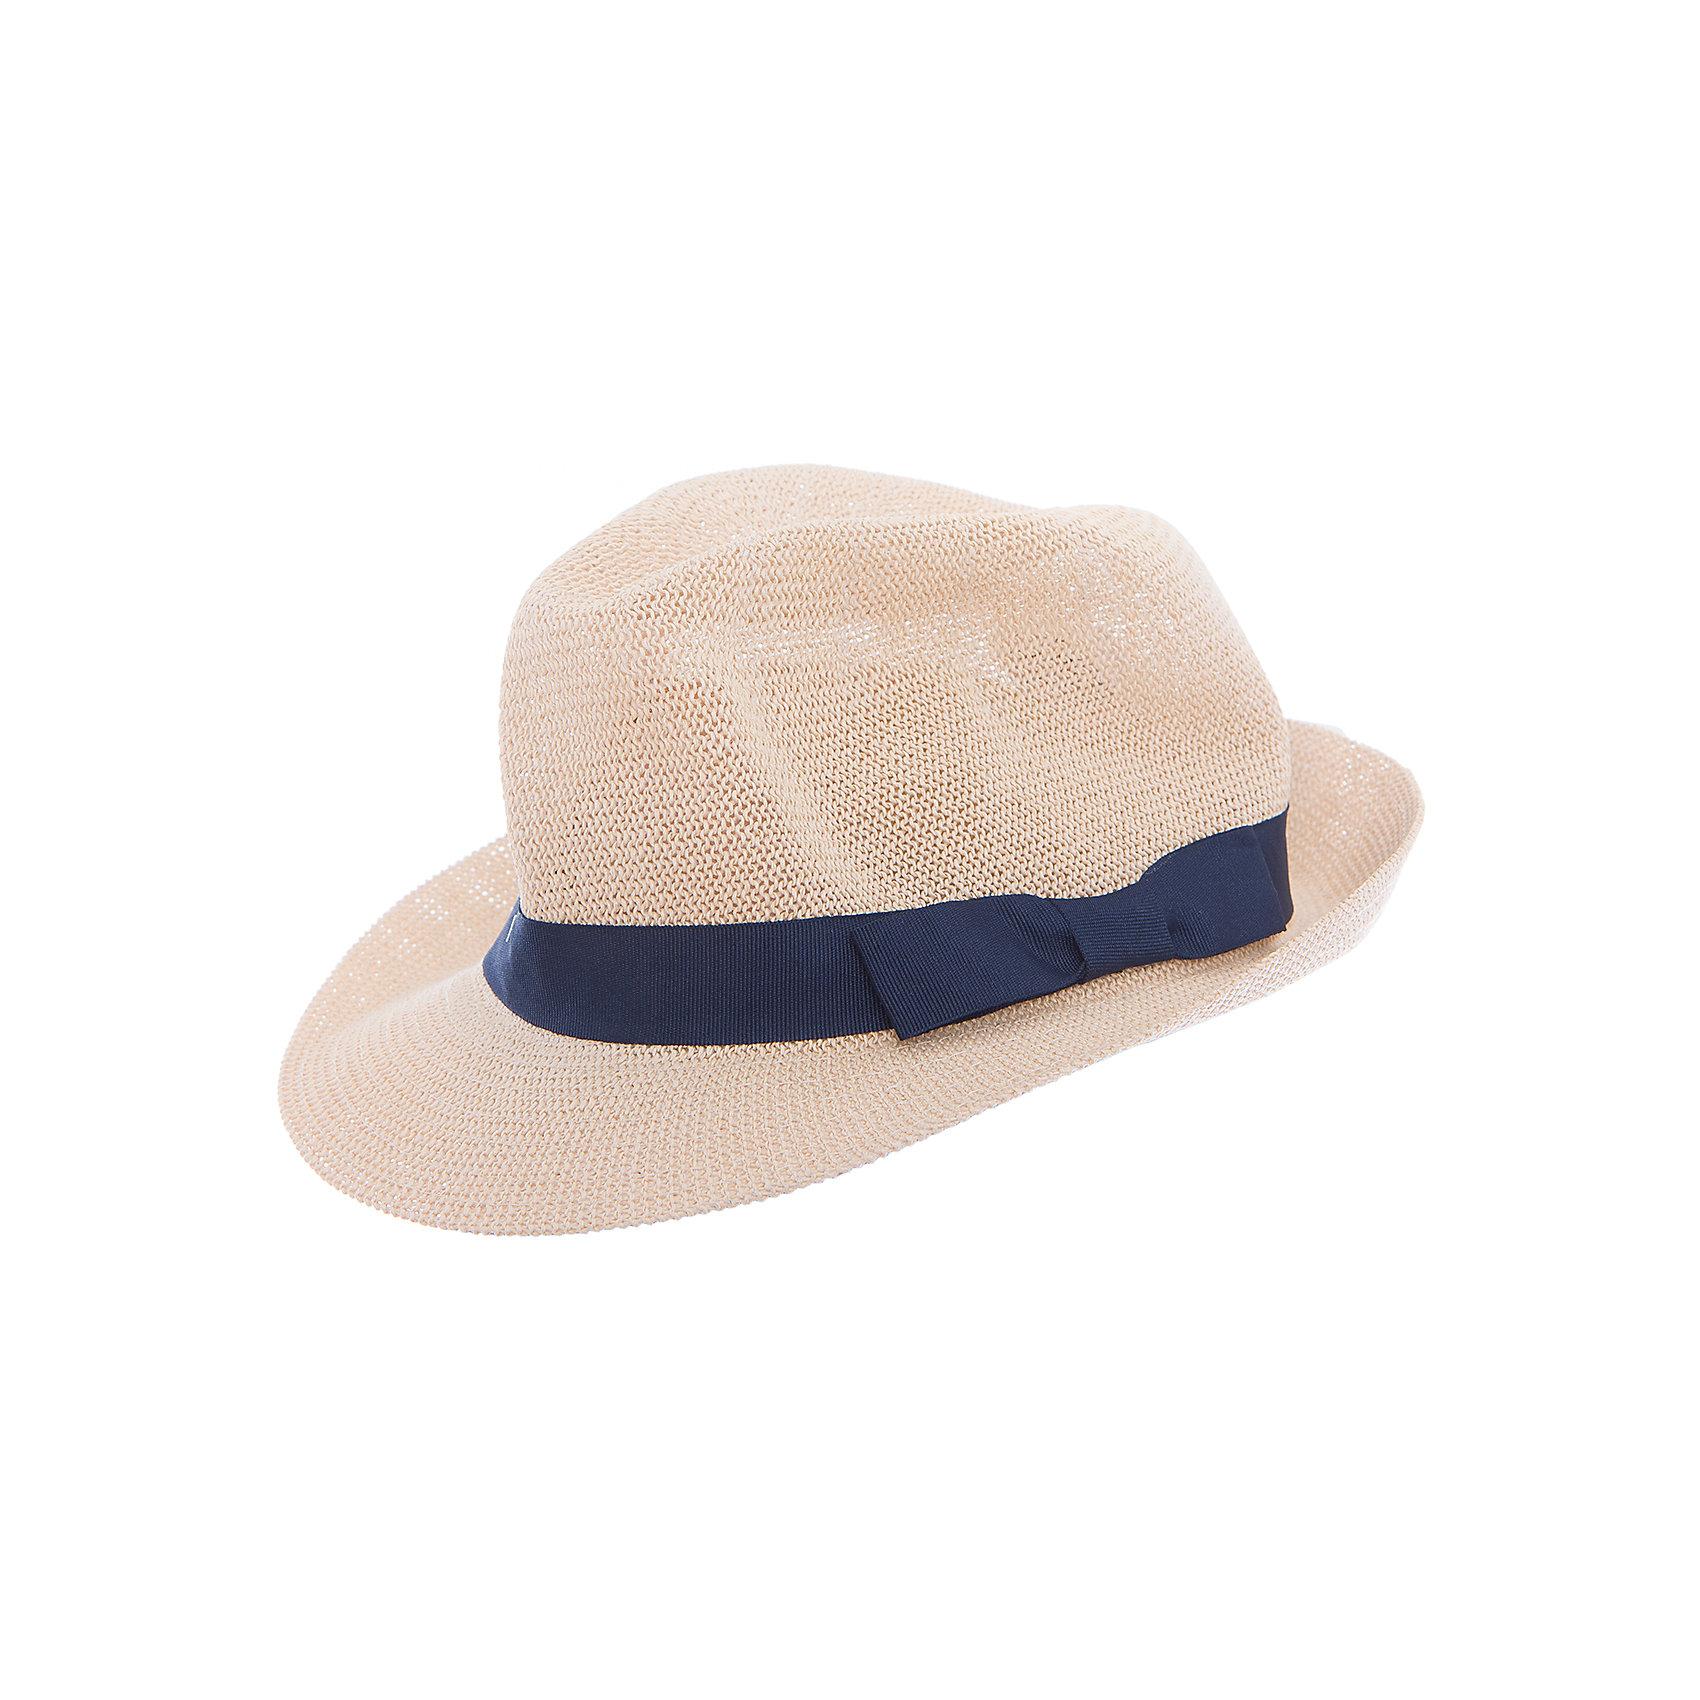 Шляпа для мальчика PlayTodayЛетние<br>Характеристики товара:<br><br>• цвет: бежевый<br>• состав: 100% бумажная соломка<br>• декорирована широкой лентой<br>• дышащий материал<br>• хорошая защита от солнца<br>• комфортная посадка<br>• коллекция: весна-лето 2017<br>• страна бренда: Германия<br>• страна производства: Китай<br><br>Популярный бренд PlayToday выпустил новую коллекцию! Вещи из неё продолжают радовать покупателей удобством, стильным дизайном и продуманным кроем. Дети носят их с удовольствием. PlayToday - это линейка товаров, созданная специально для детей. Дизайнеры учитывают новые веяния моды и потребности детей. Порадуйте ребенка обновкой от проверенного производителя!<br>Такая стильная модель обеспечит ребенку комфорт благодаря качественному материалу и продуманному крою. С помощью неё можно удобно одеться по погоде. Очень модная вещь! <br><br>Шляпу для мальчика от известного бренда PlayToday можно купить в нашем интернет-магазине.<br><br>Ширина мм: 89<br>Глубина мм: 117<br>Высота мм: 44<br>Вес г: 155<br>Цвет: белый<br>Возраст от месяцев: 72<br>Возраст до месяцев: 84<br>Пол: Мужской<br>Возраст: Детский<br>Размер: 54,50,52<br>SKU: 5403331